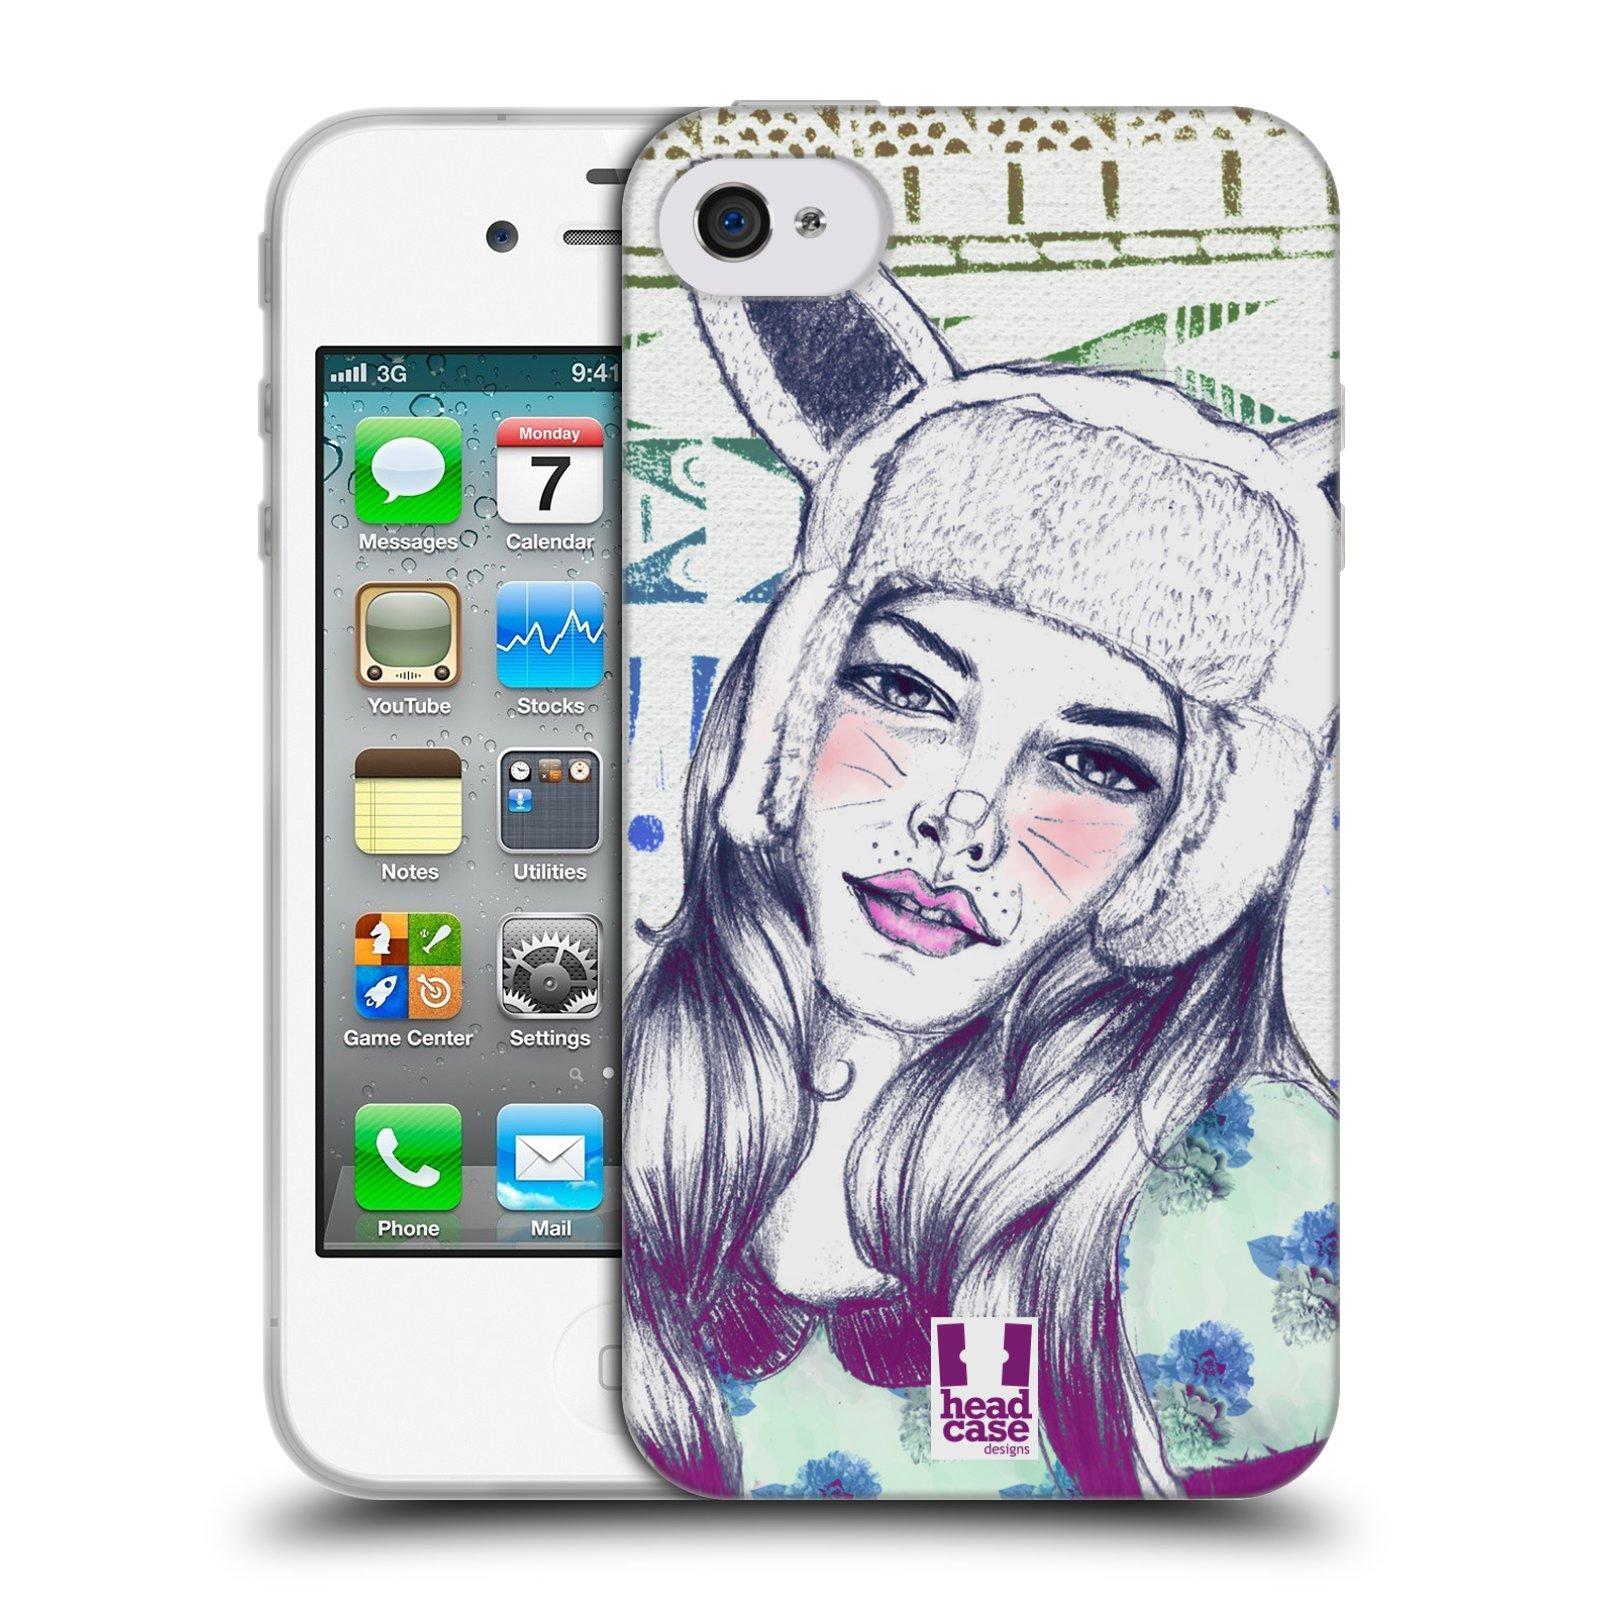 HEAD CASE silikonový obal na mobil Apple Iphone 4/4S vzor Děvče zvířecí tématika zajíček čepka